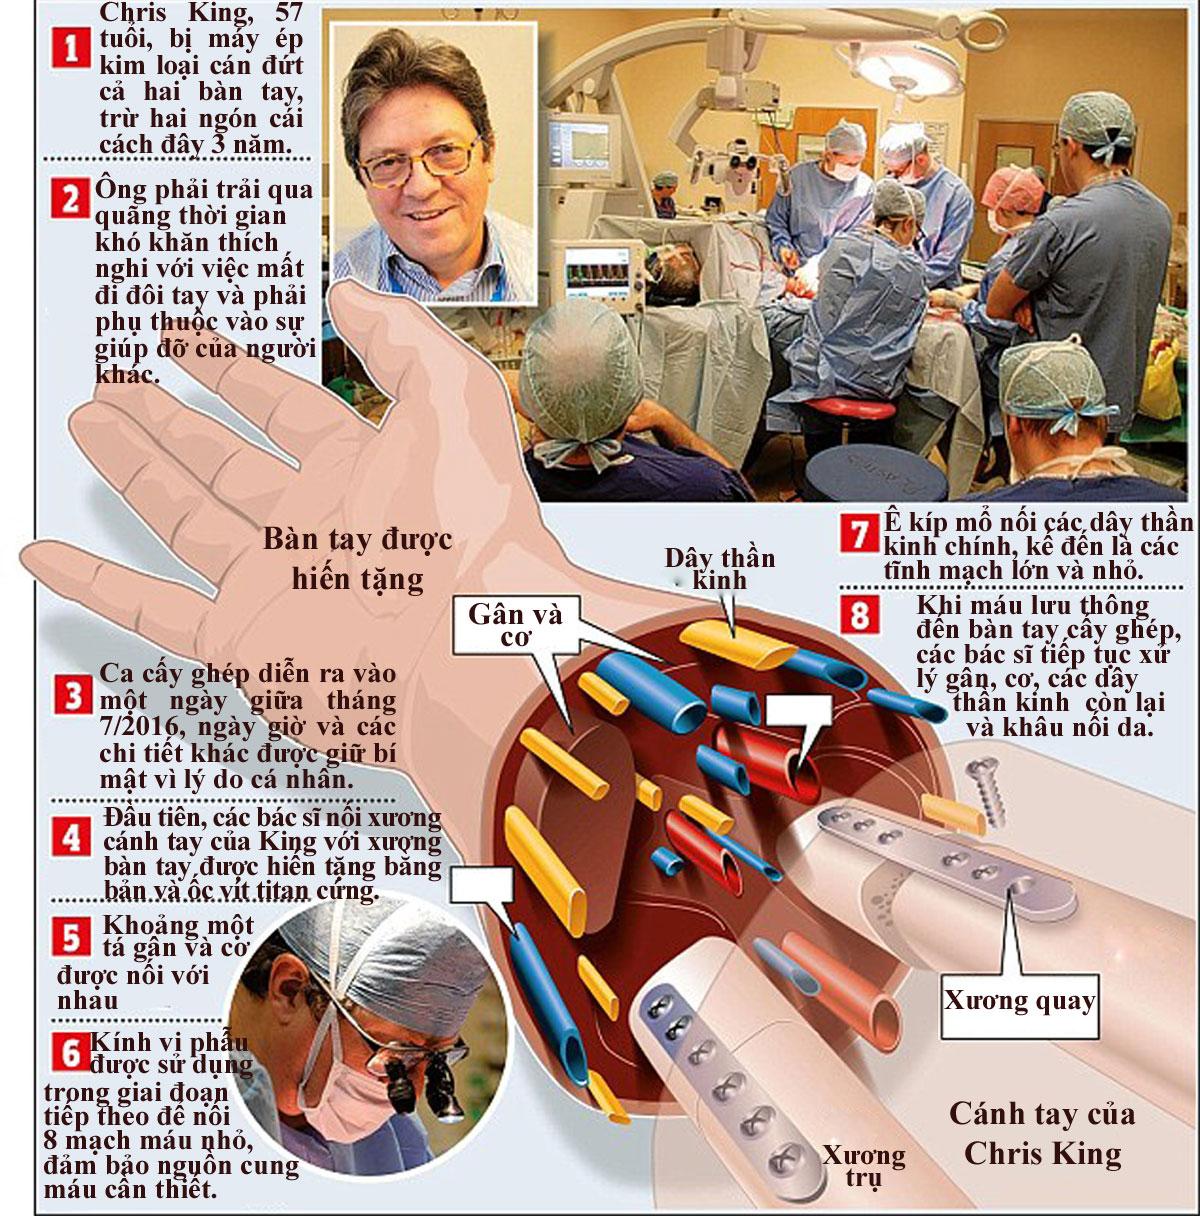 Ca cấy ghép hai bàn tay ở Anh diễn ra thế nào